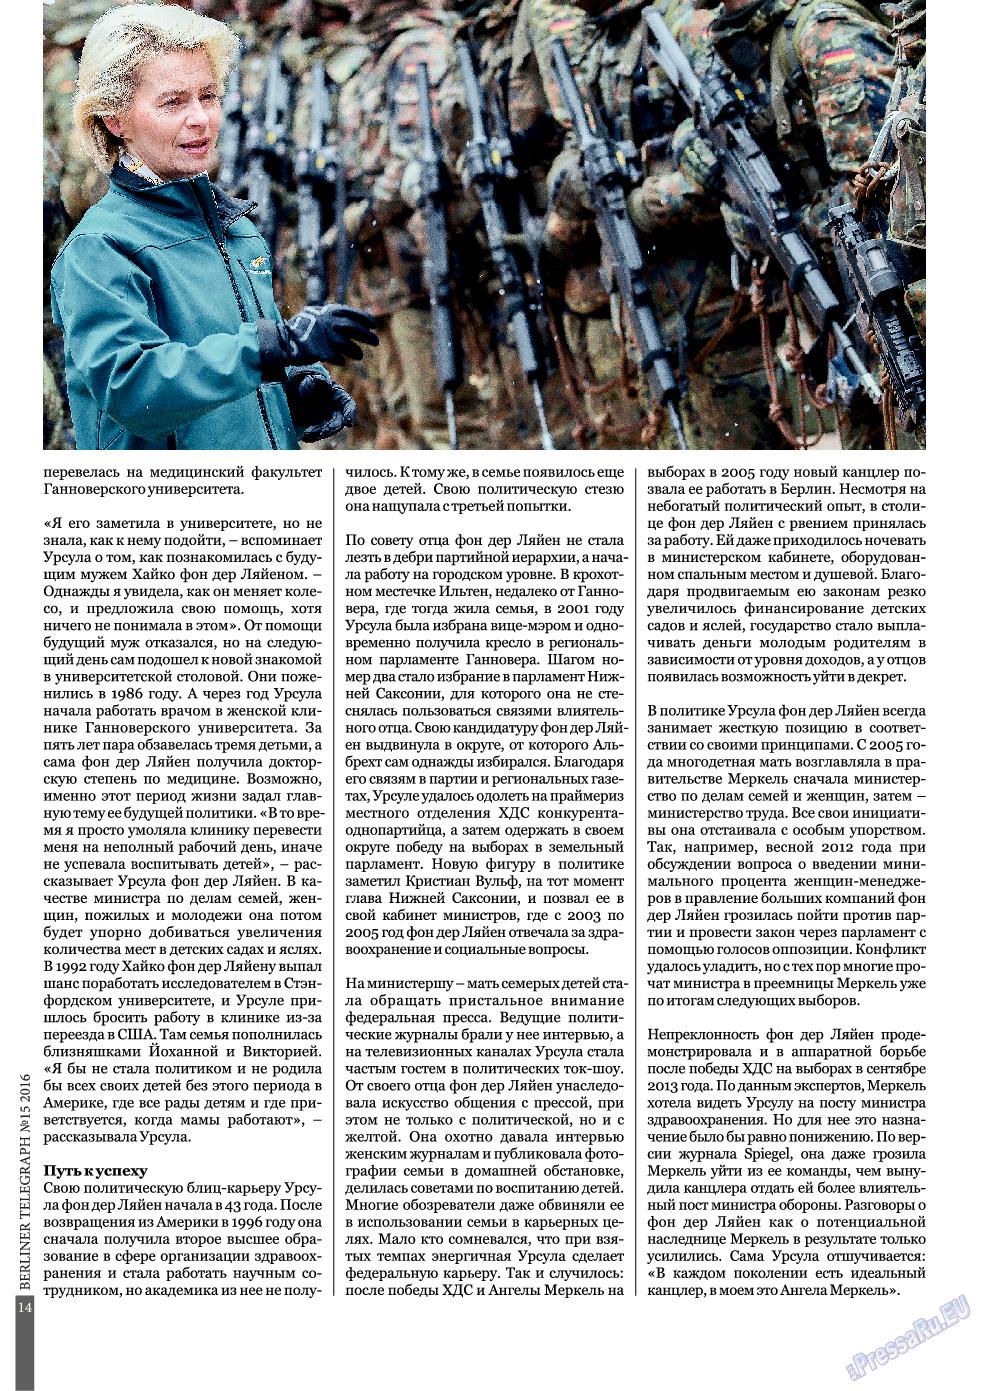 Берлинский телеграф (журнал). 2016 год, номер 15, стр. 14